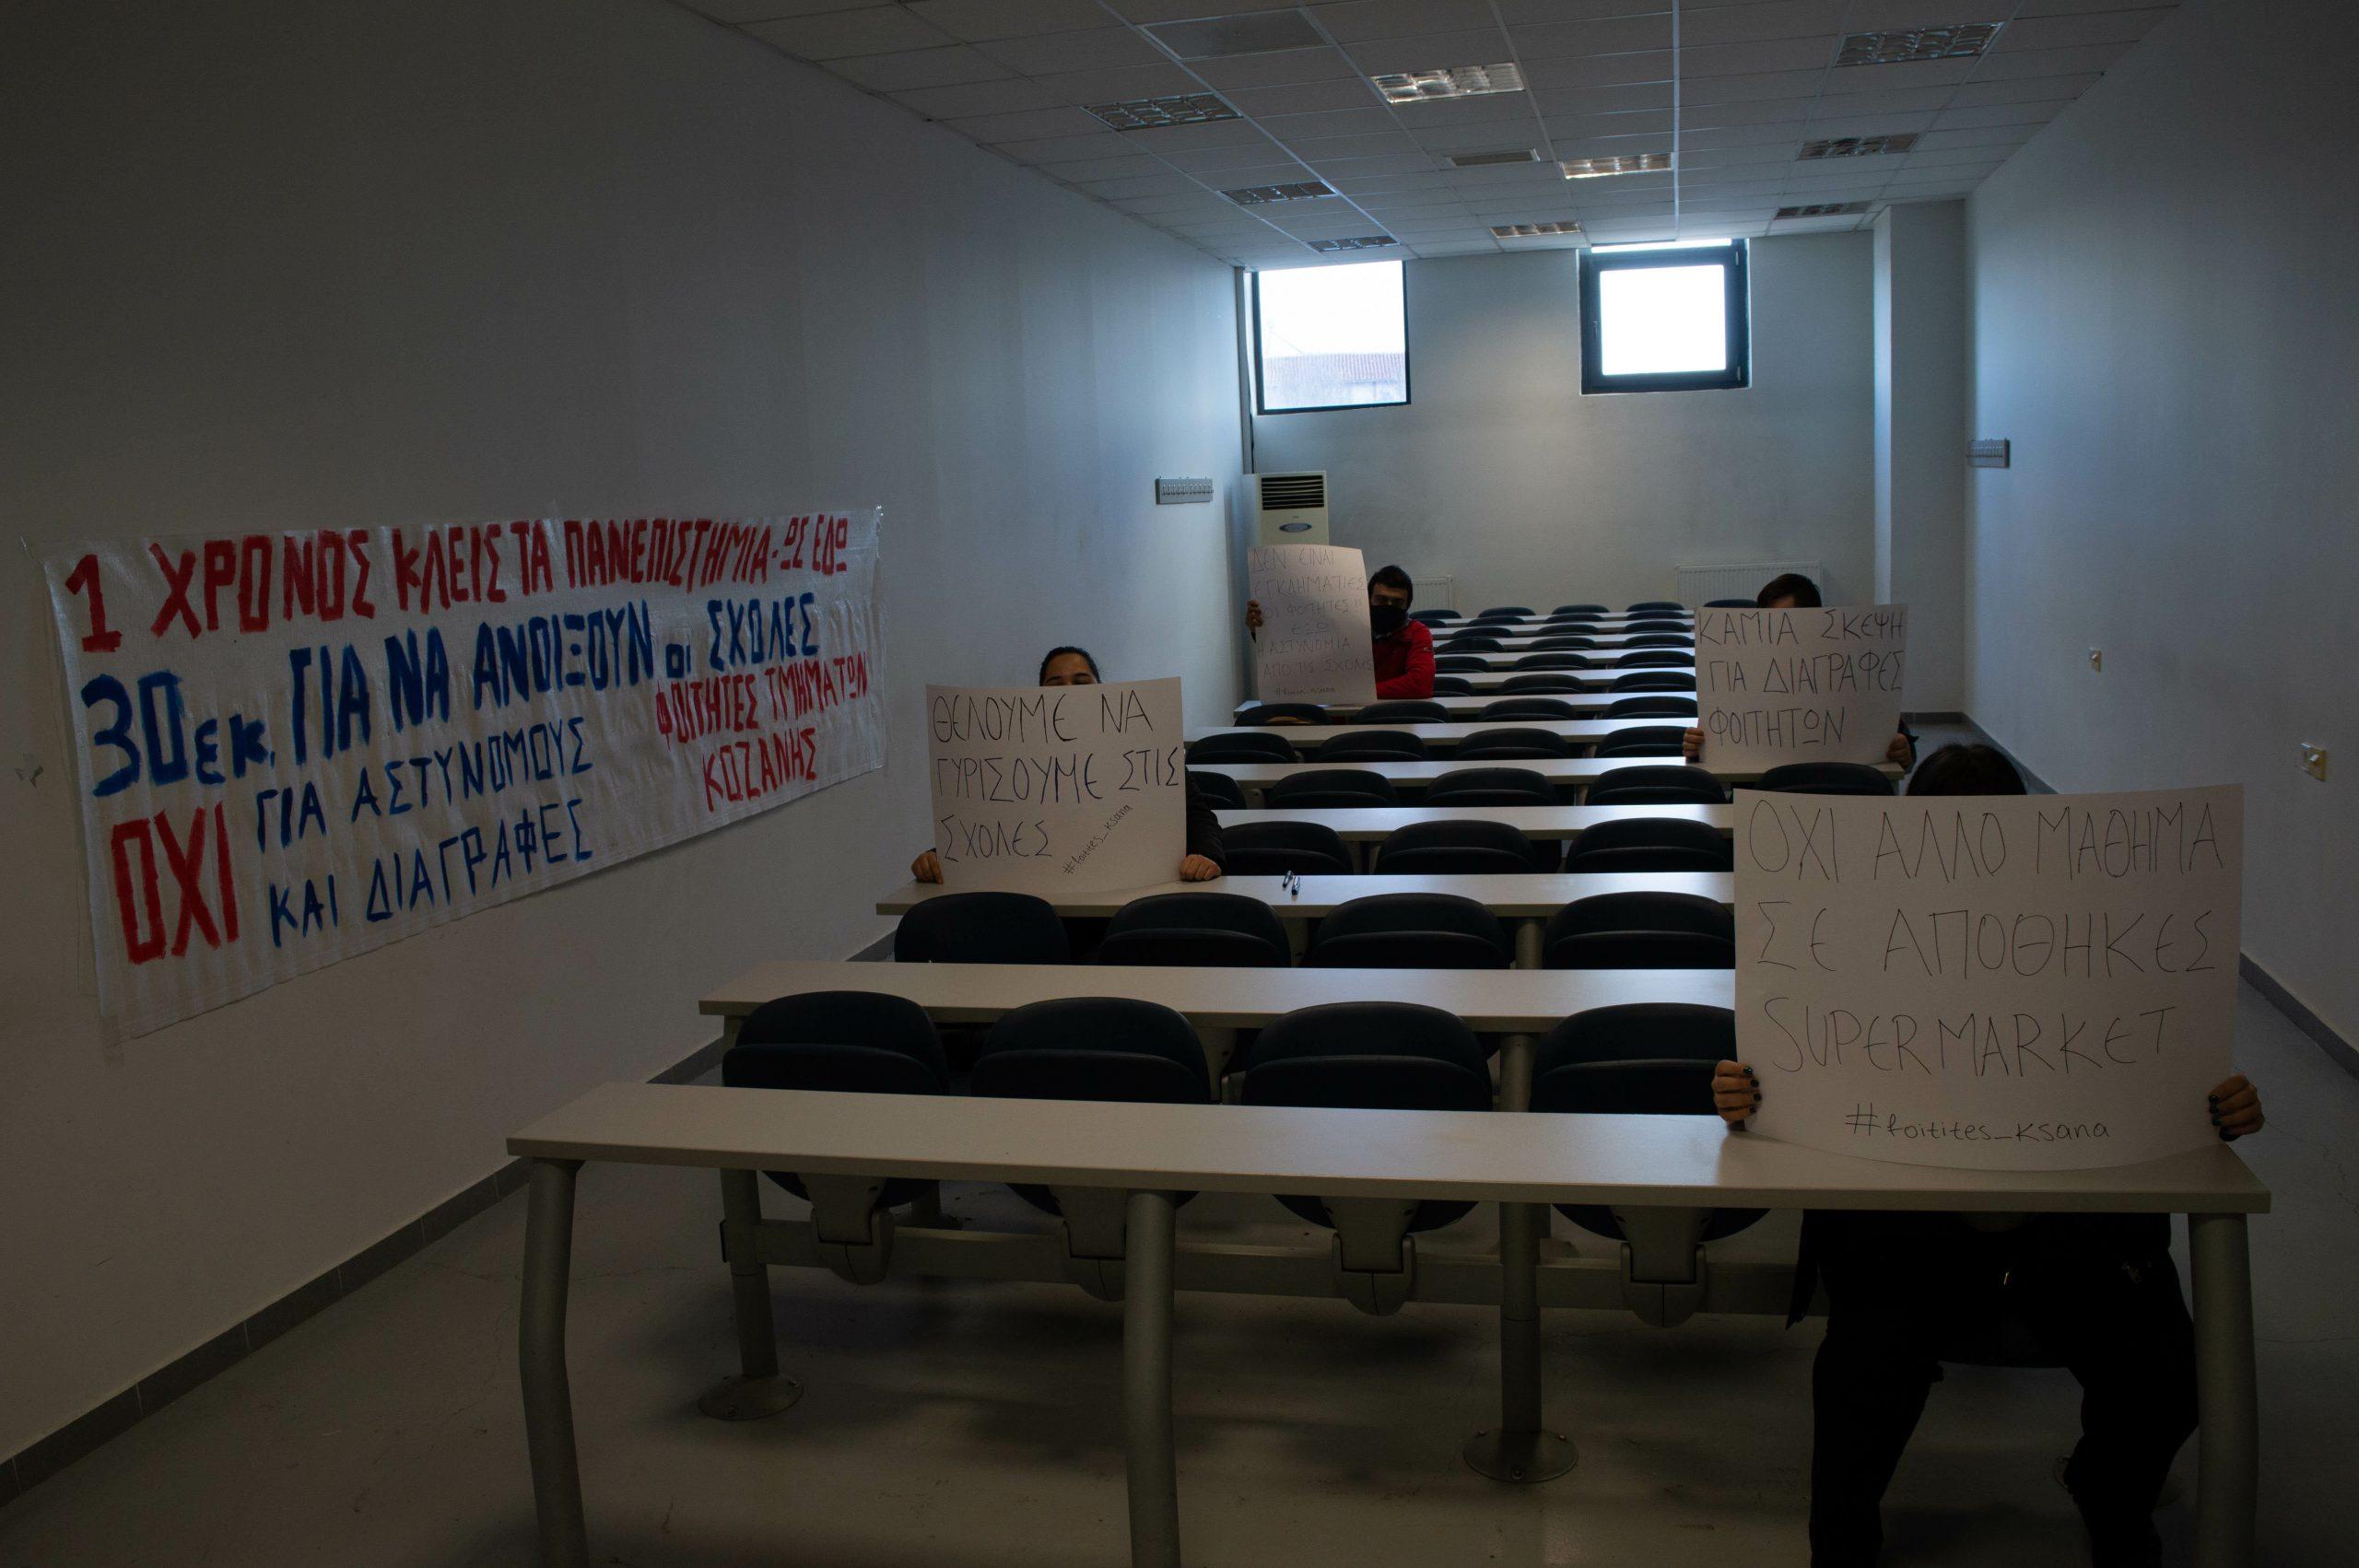 Φοιτητές Τμημάτων Κοζάνης: Πολύμορφες δράσεις φοιτητών των Τμημάτων του Πανεπιστημίου στην Κοζάνη για το άνοιγμα των σχολών τους και το νέο νομοσχέδιο του Υπουργείου Παιδείας